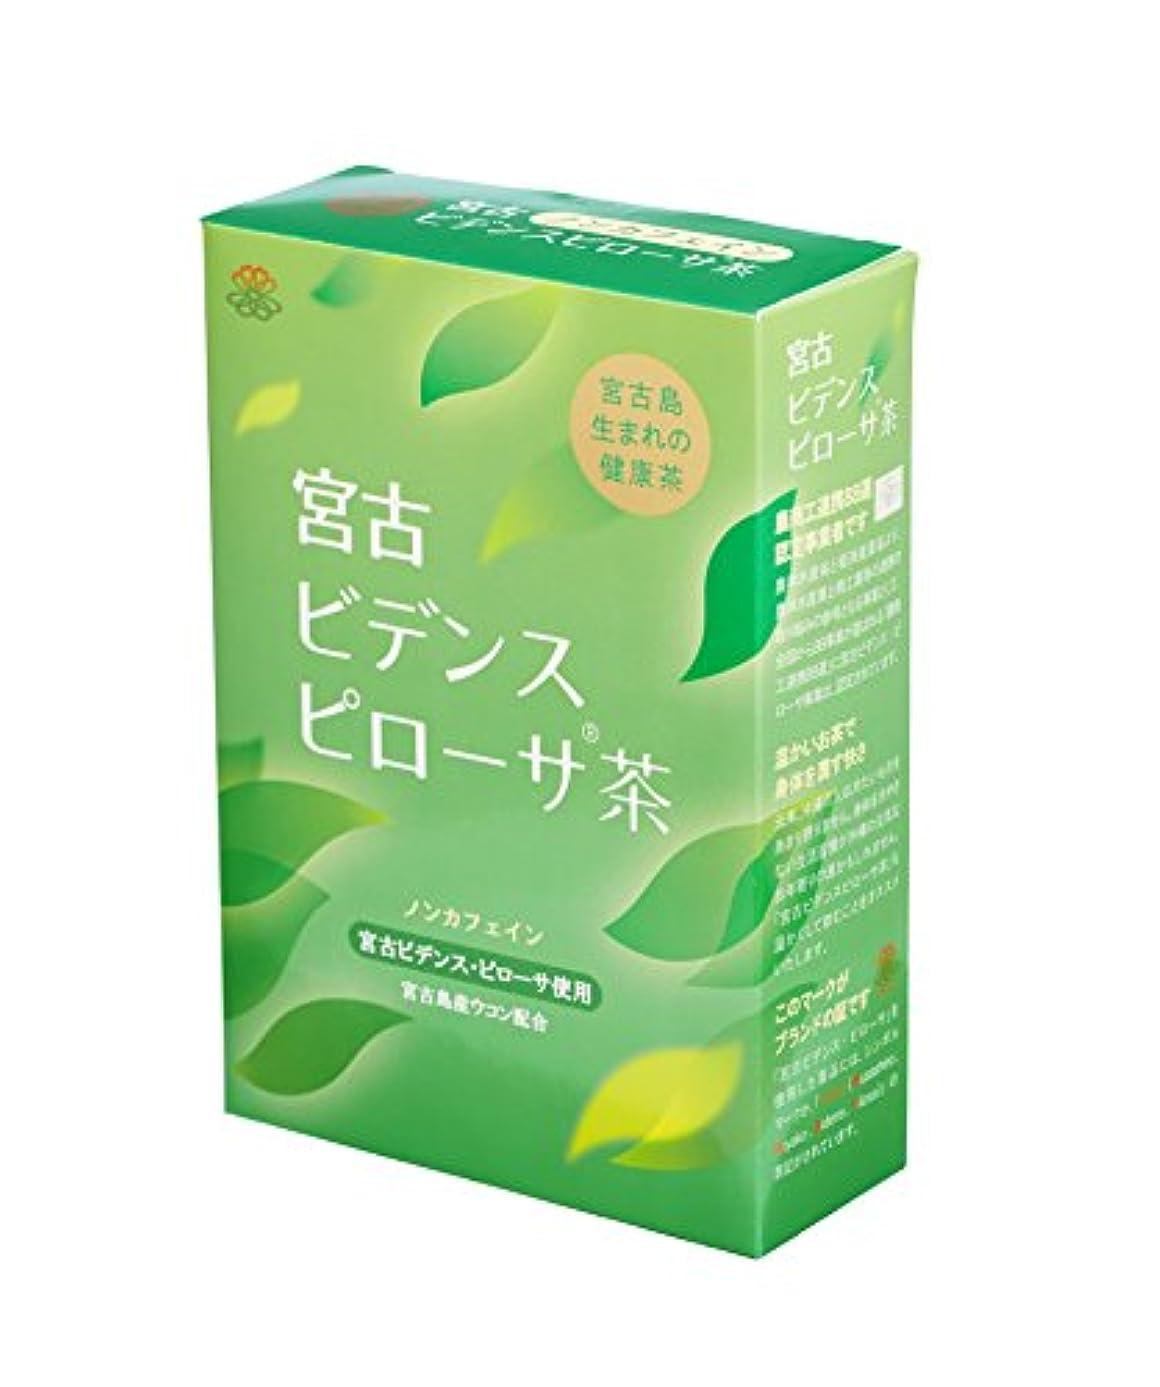 天使行政め言葉宮古ビデンスピローサ茶 3.0g×30包